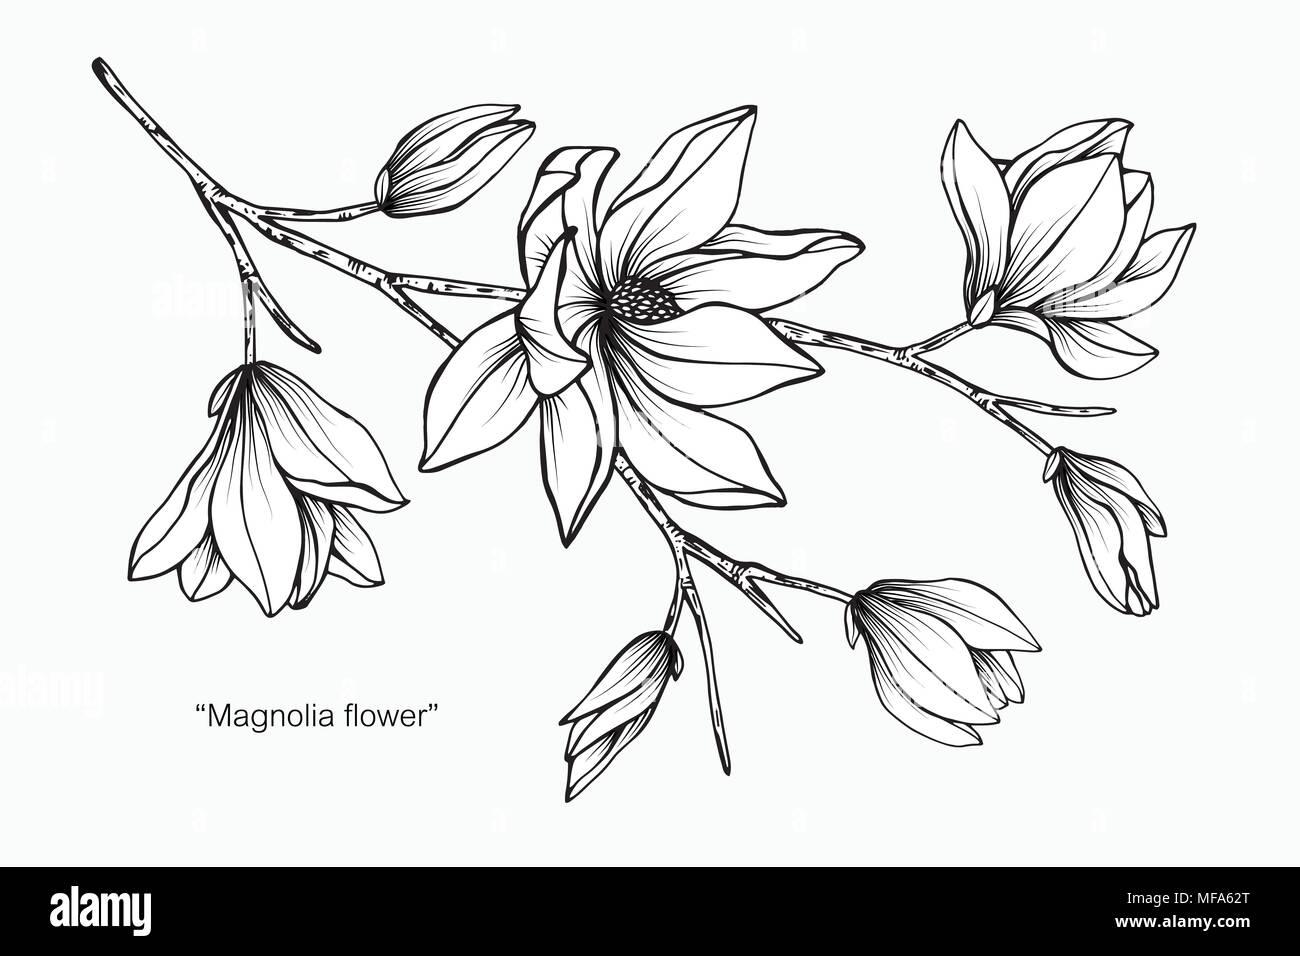 Illustration Dessin Fleur De Magnolia Noir Et Blanc Avec